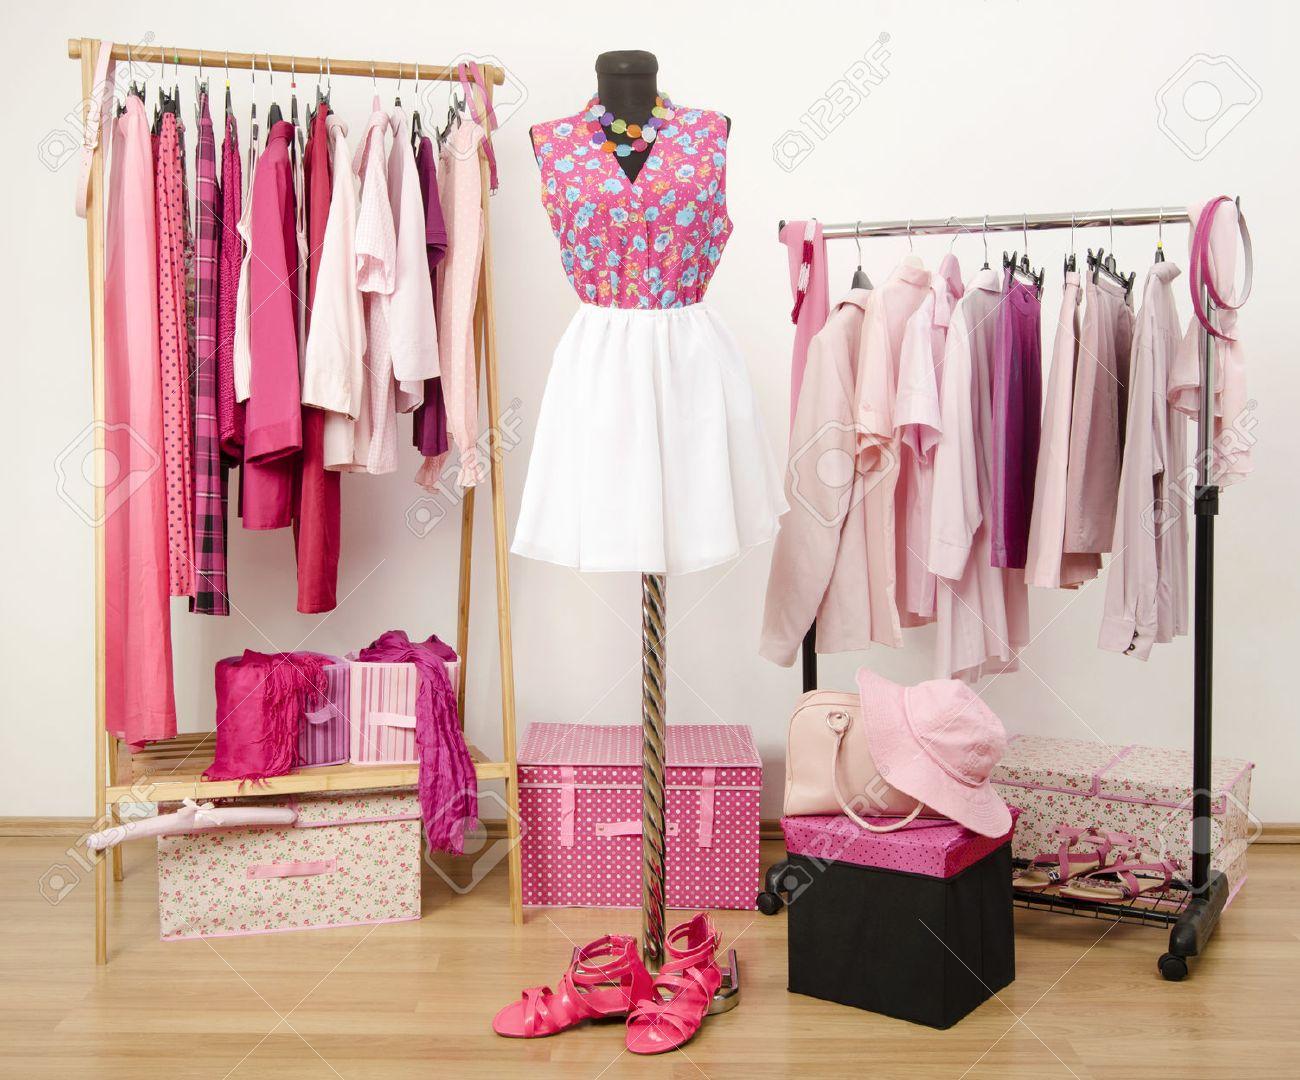 62a171ea433e Foto de archivo - Vestir armario con ropa de color rosa dispuestas sobre  perchas y un traje en un maniquí. Armario lleno de todos los tonos de ropa  de color ...